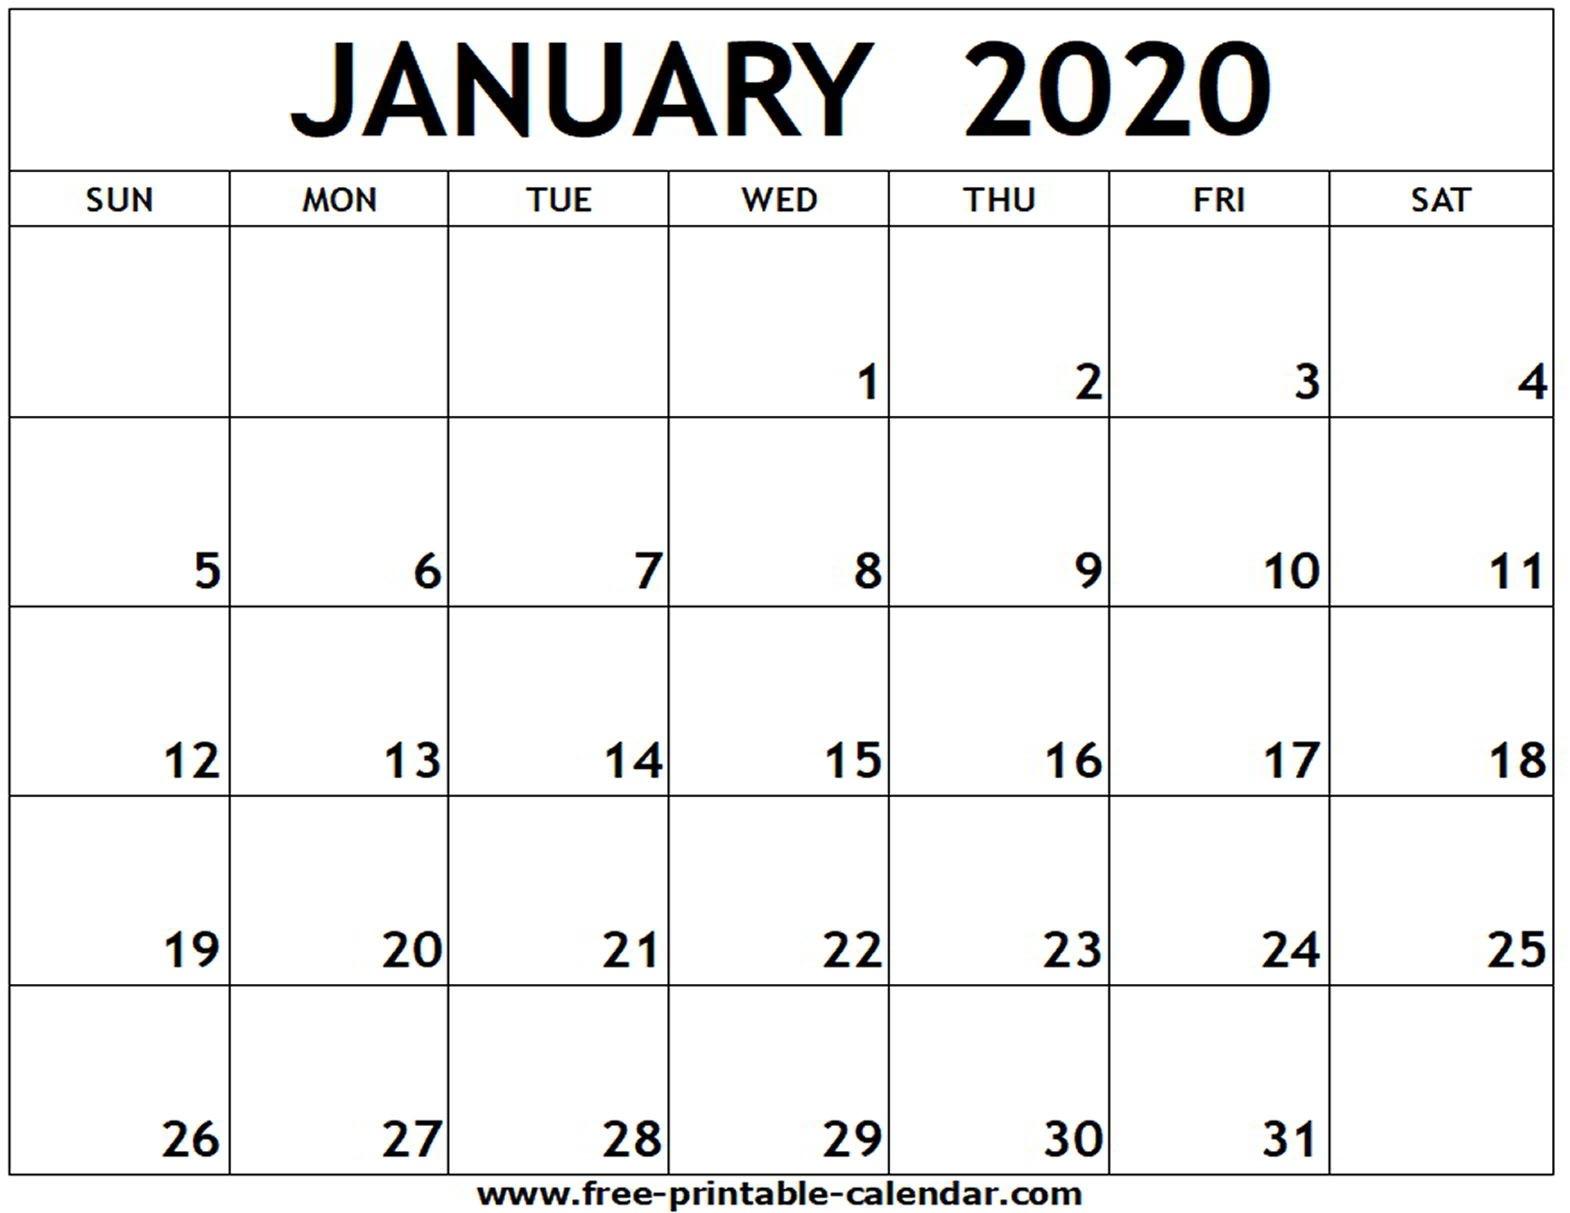 January 2020 Printable Calendar - Free-Printable-Calendar  2020 Calendar Printable Free